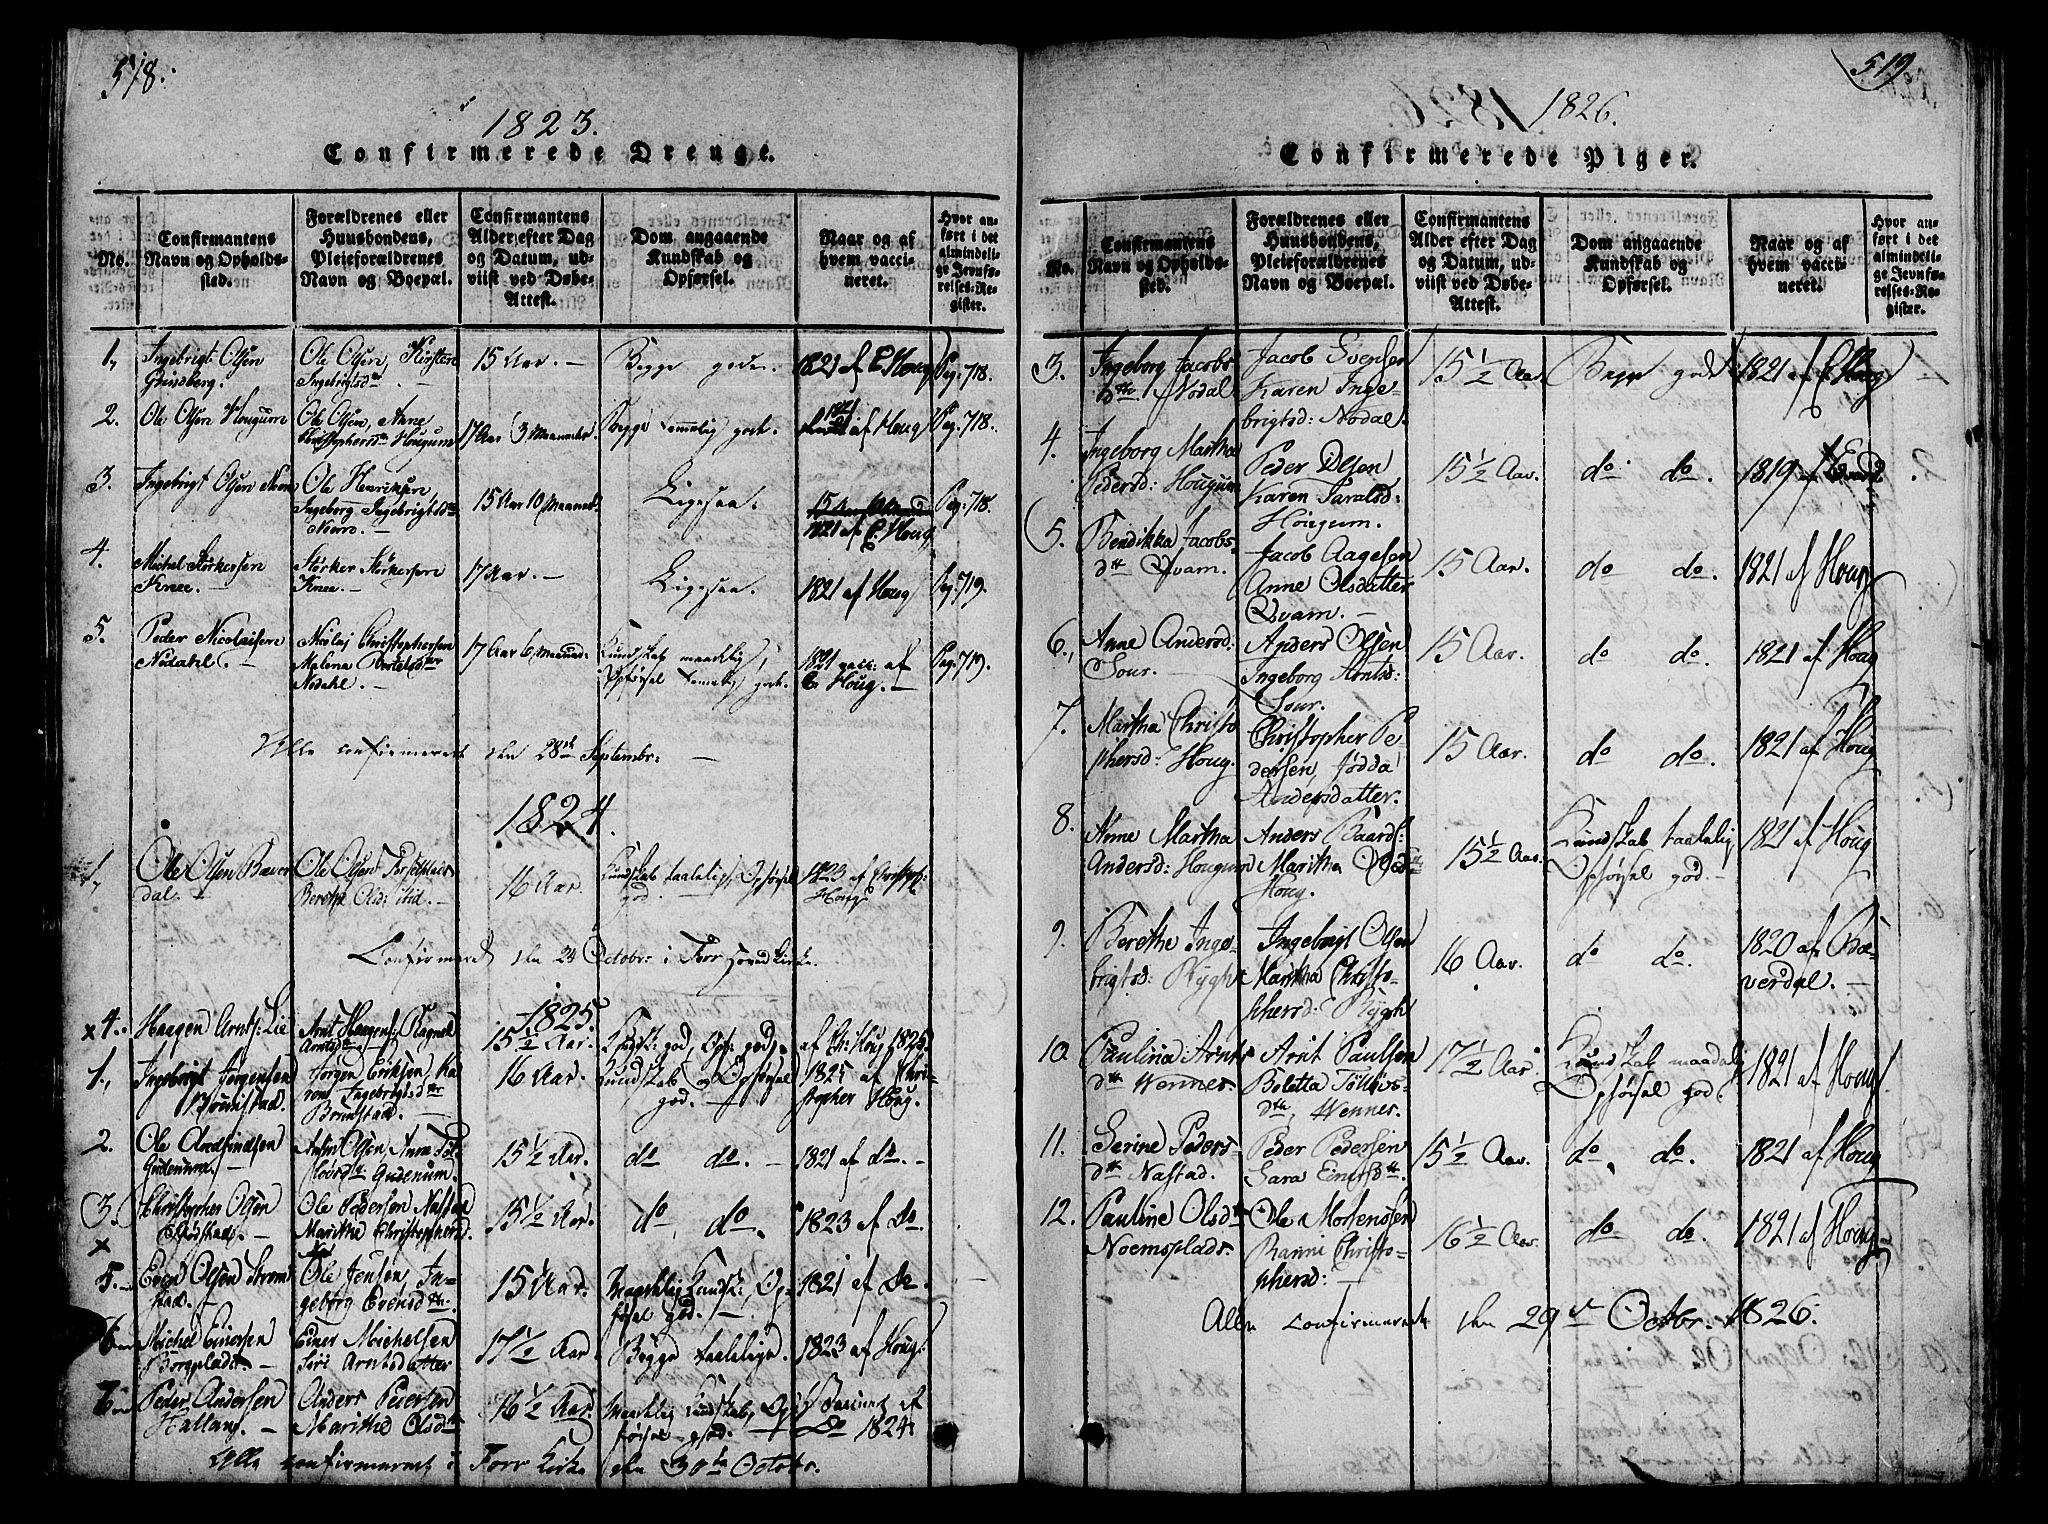 SAT, Ministerialprotokoller, klokkerbøker og fødselsregistre - Nord-Trøndelag, 746/L0441: Ministerialbok nr. 746A03 /2, 1816-1827, s. 518-519